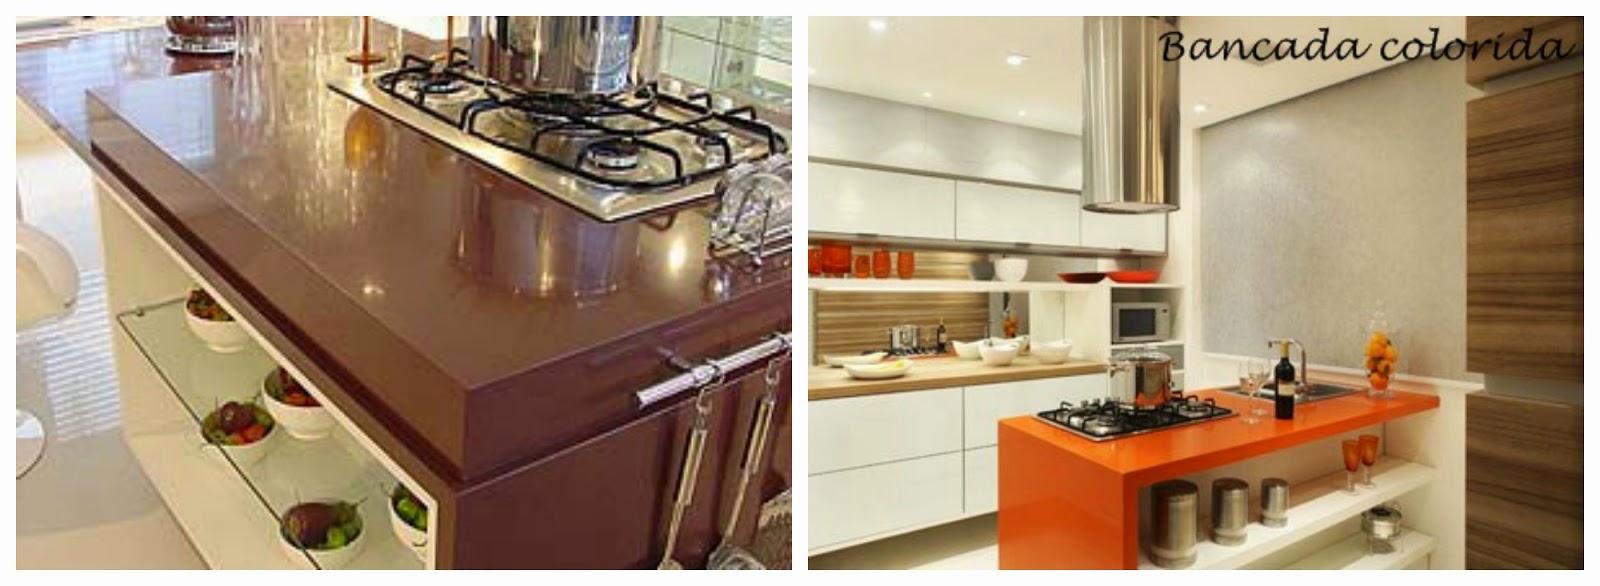 Cozinha Compacta Blumenau Beyato Com V Rios Desenhos Sobre